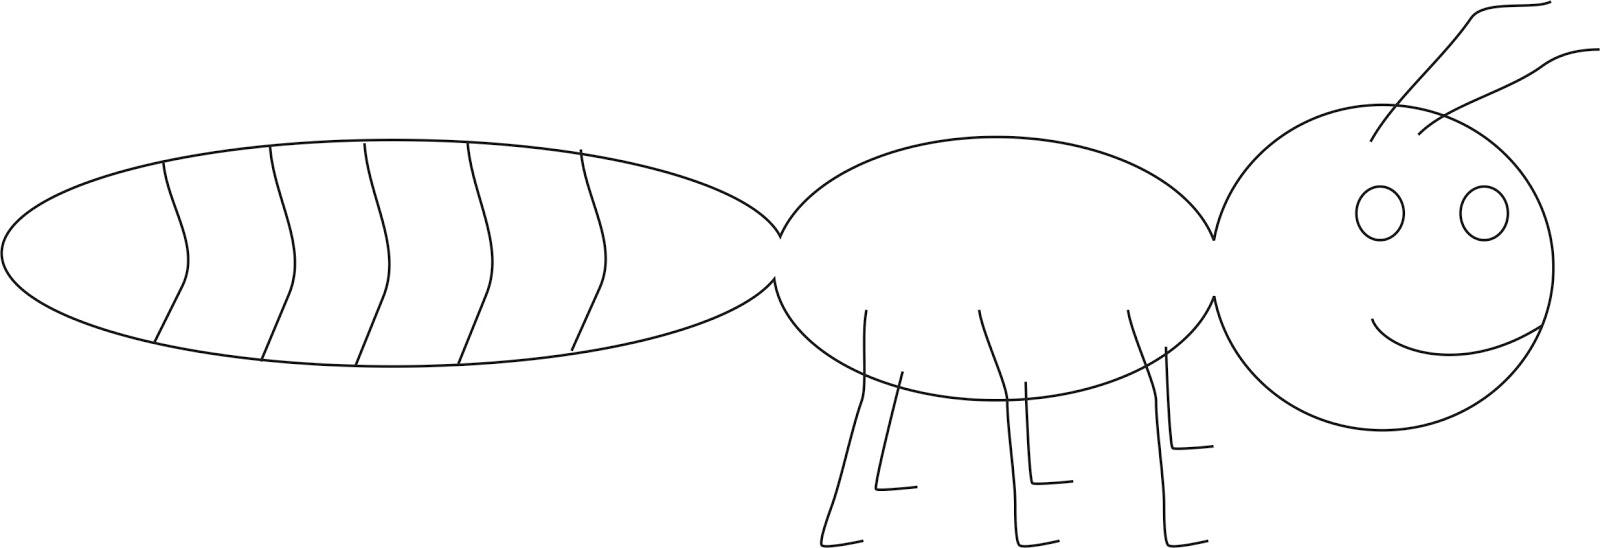 Cara Menggambar Semut Cerita Tentang Semut